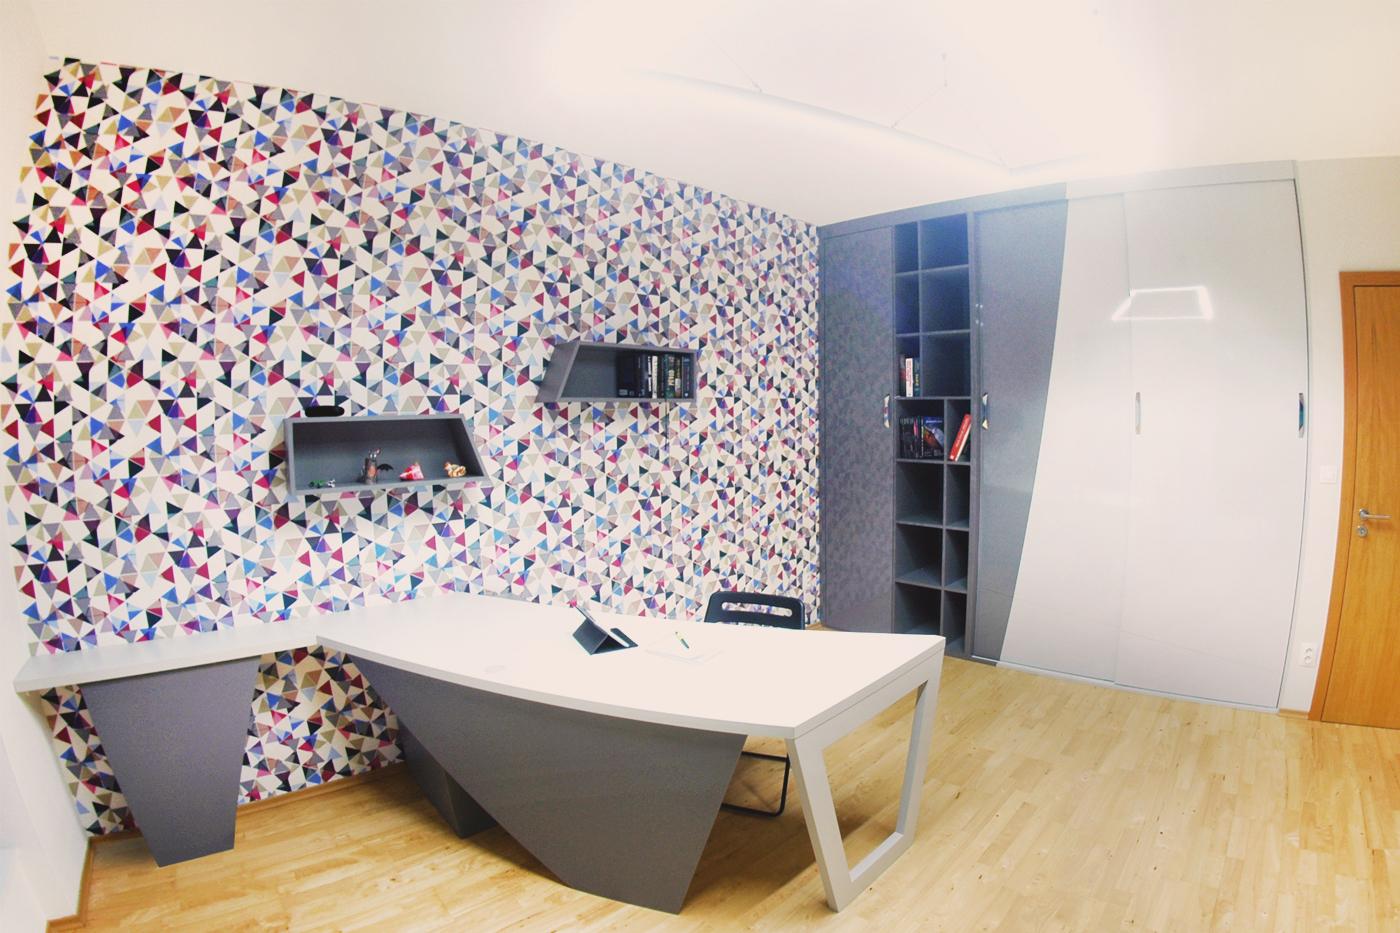 Šikminy a trojúhelníky se tak staly nosným prvkem celkového designu kanceláře bytu v centru Ostravy.